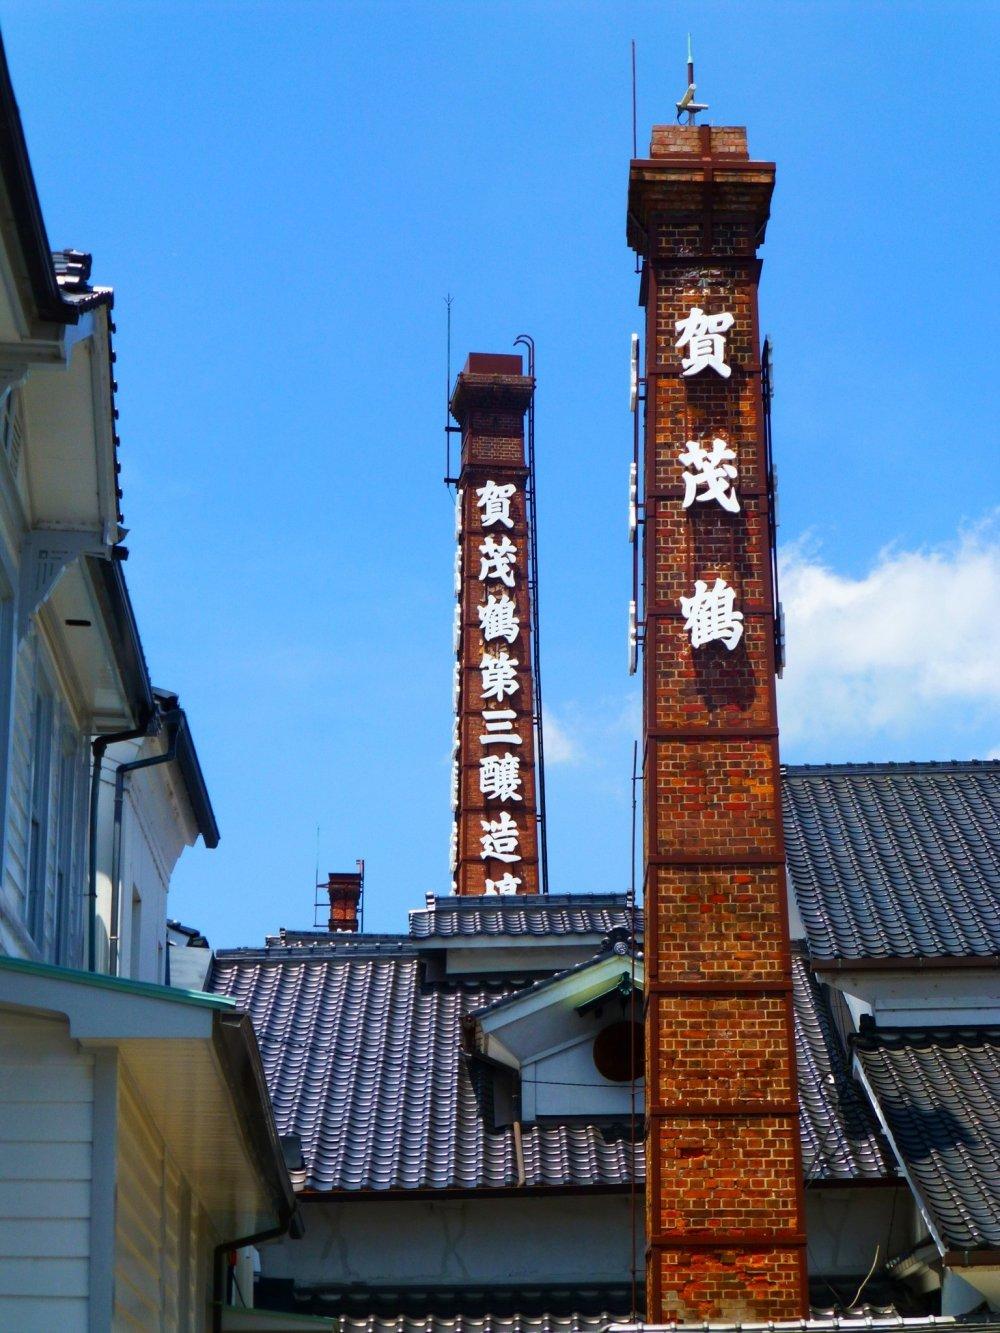 Terdapat 18 buah cerobong asap di Saijo - 15 diantaranya terbuat dari batu bata, 2 dari semen dan 1 nya sedikit rusak